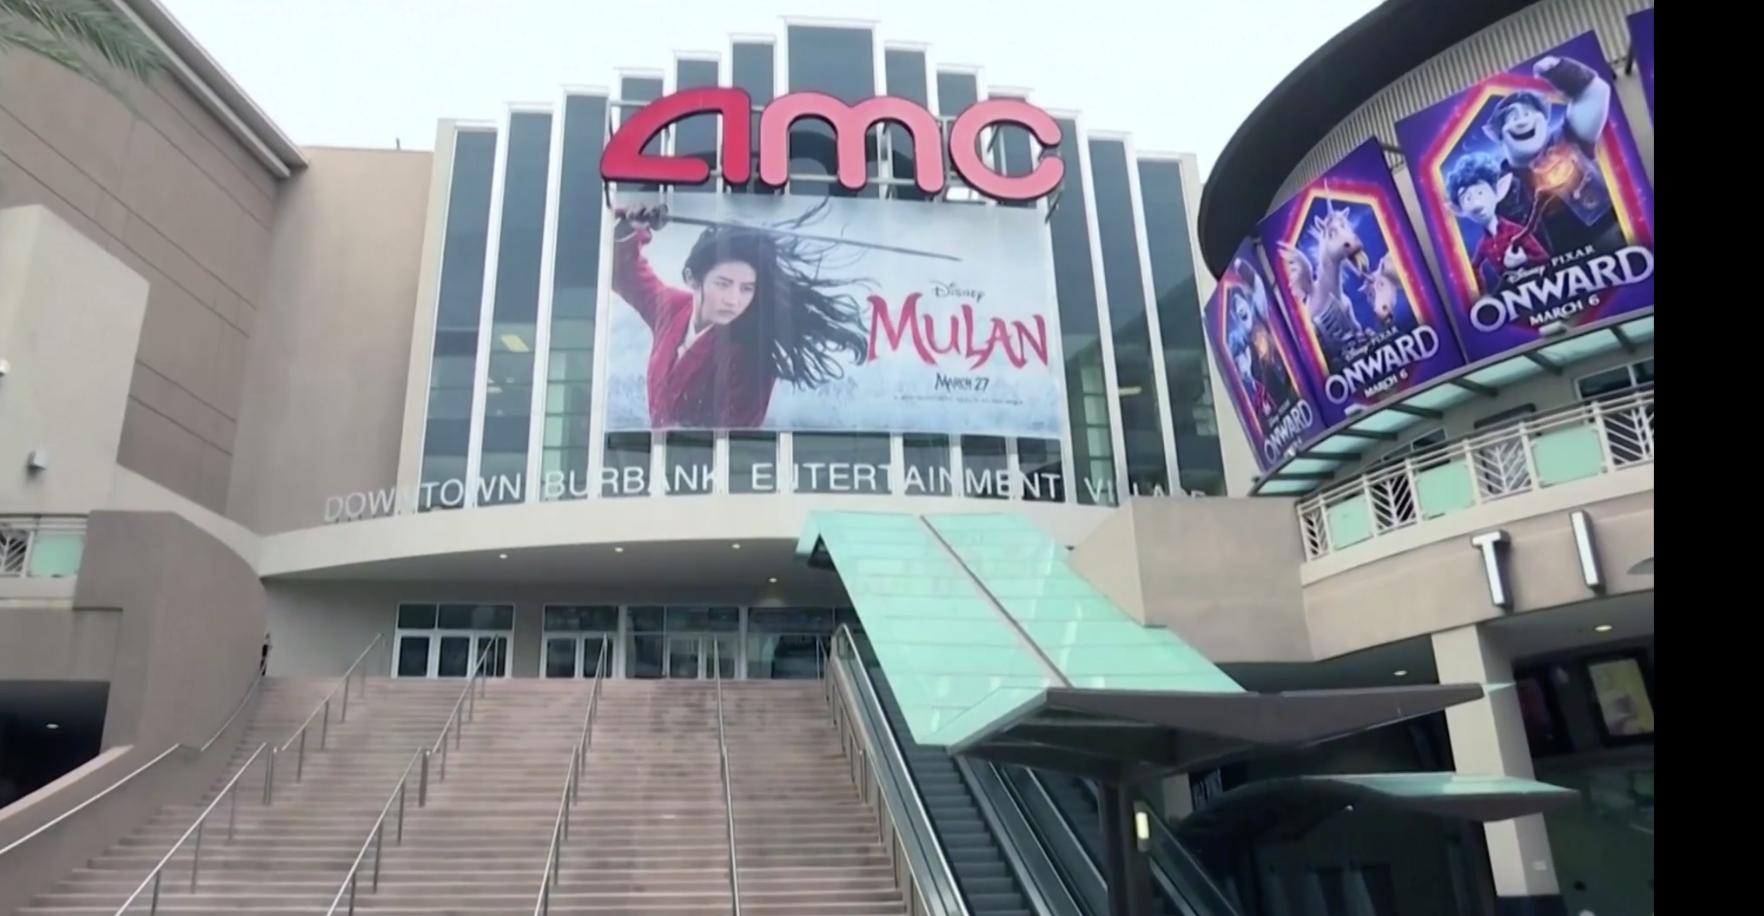 """Bộ phim """"Mulan"""" của Disney kích động làn sóng chỉ trích về mối quan hệ với Tân Cương, Hồng Kông"""